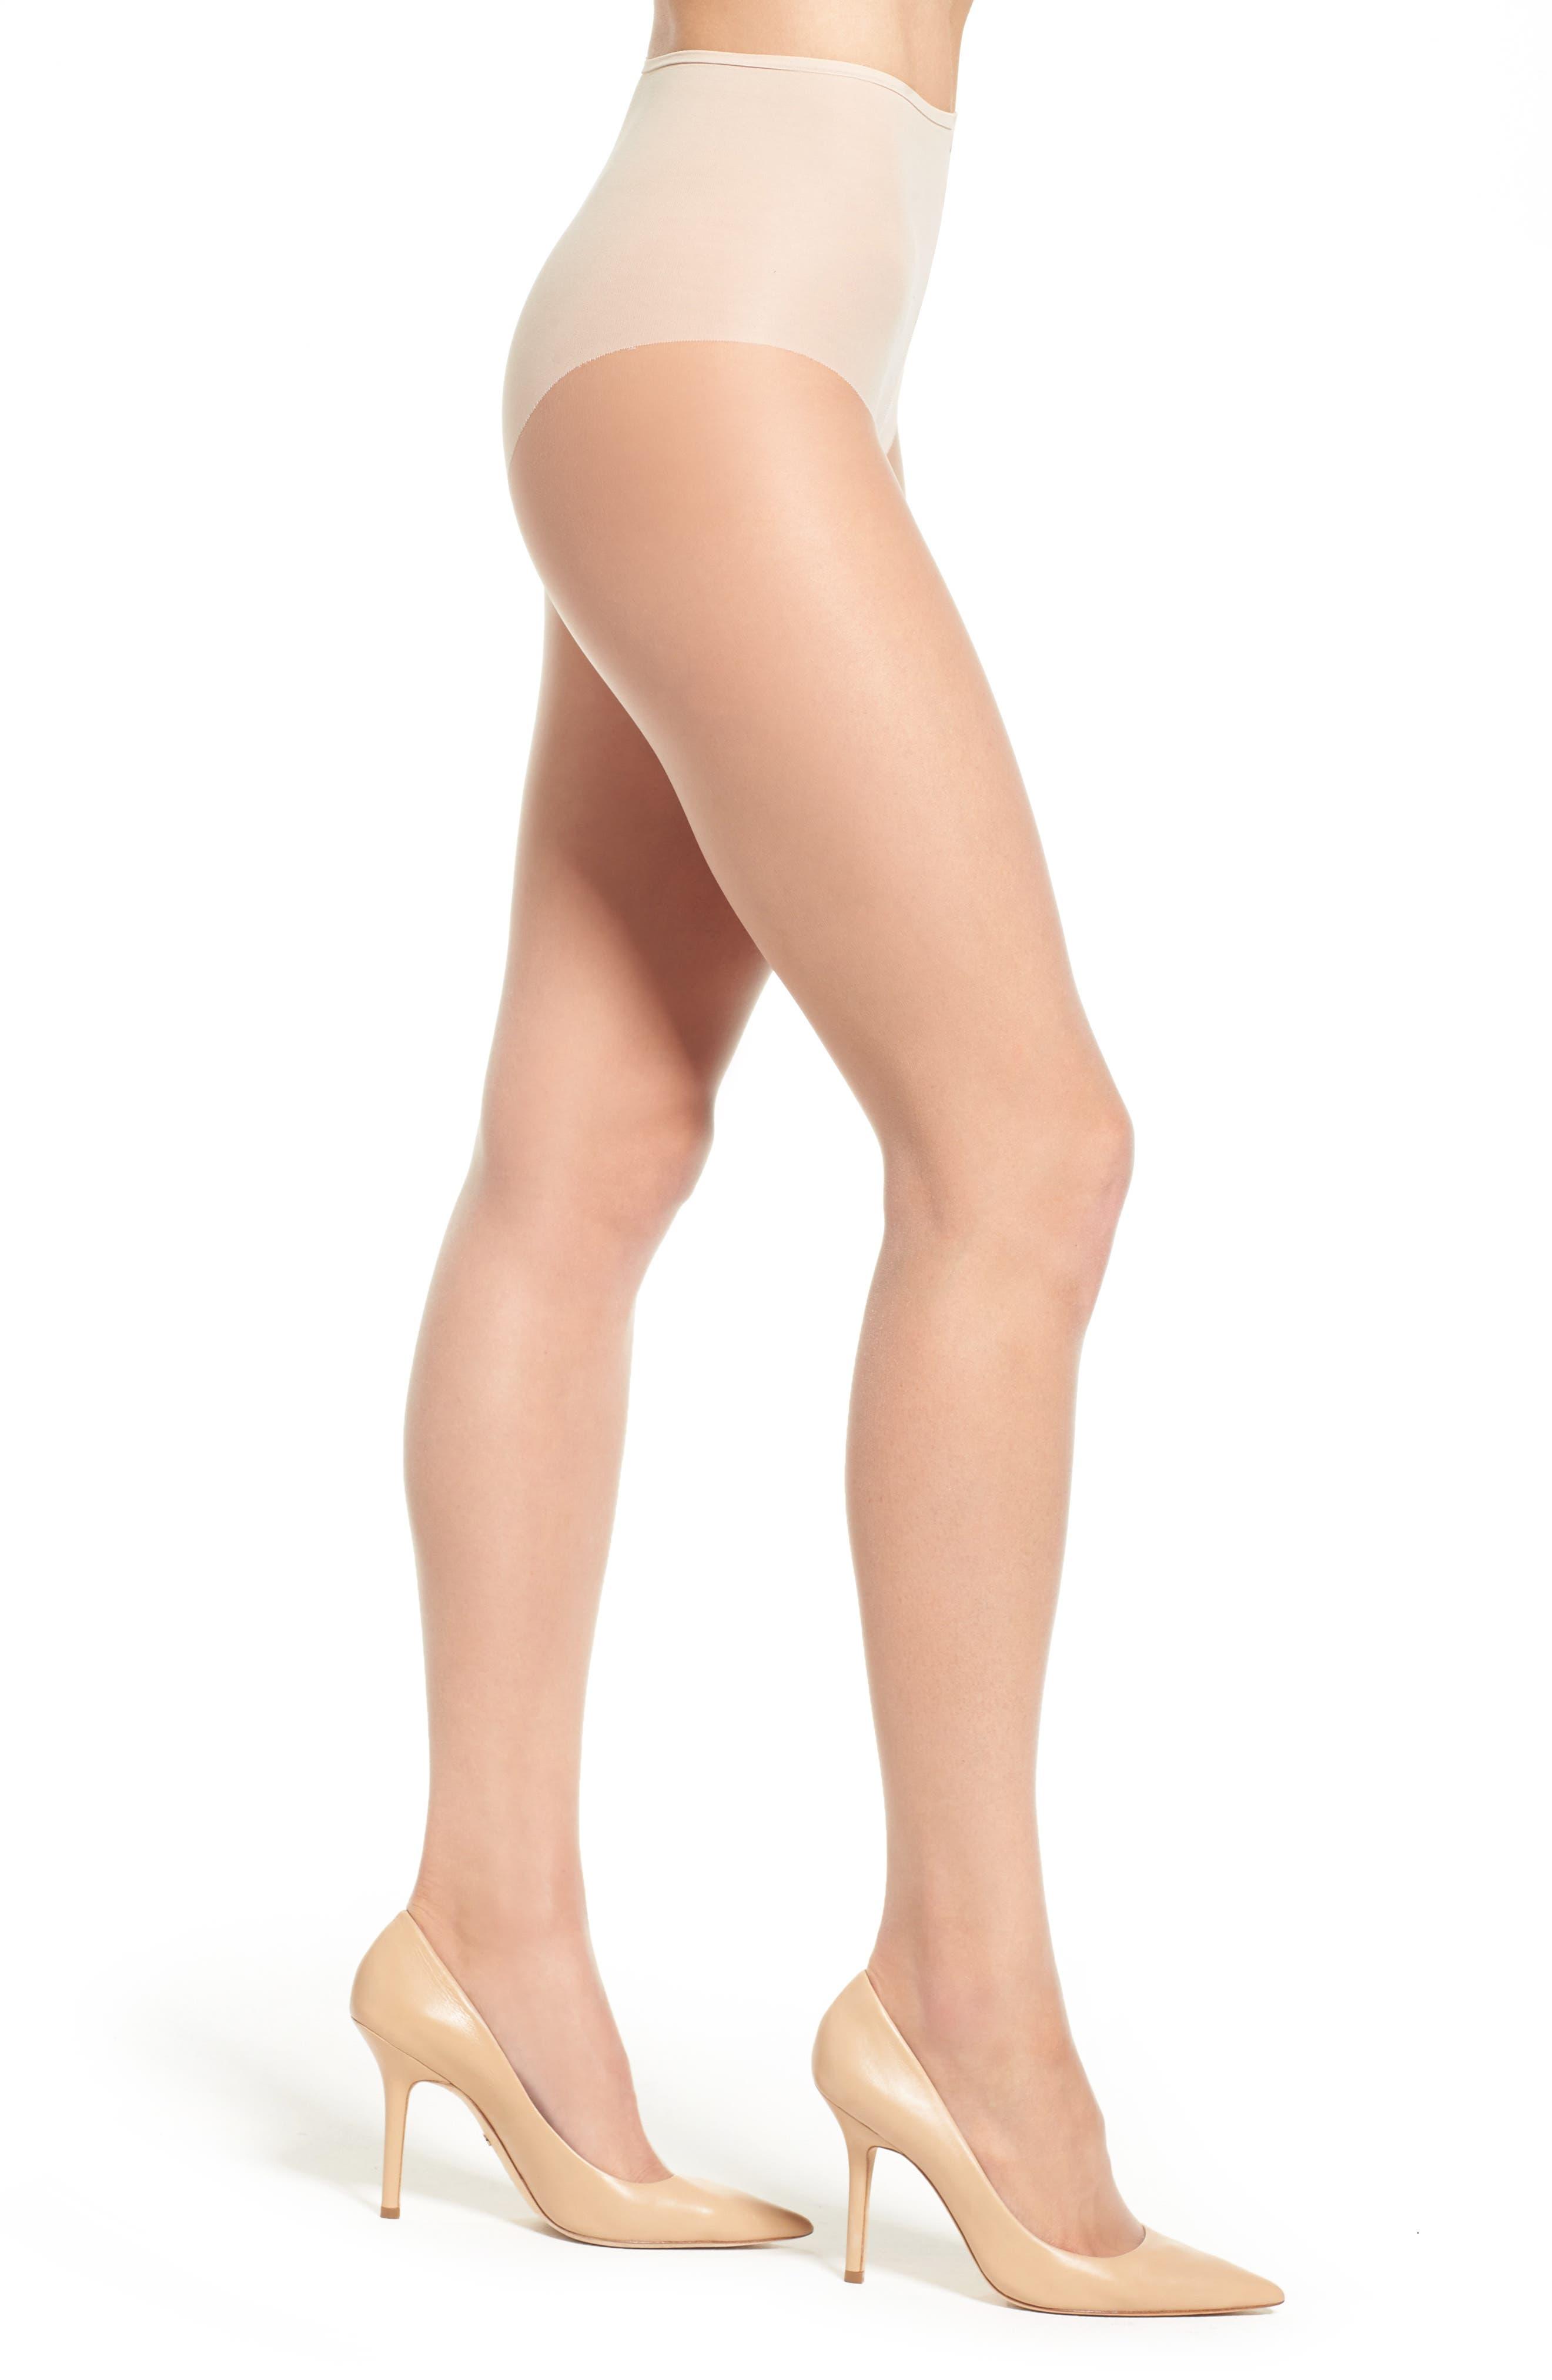 Donna Karan Beyond The Nudes Control Top Pantyhose,                         Main,                         color, 241